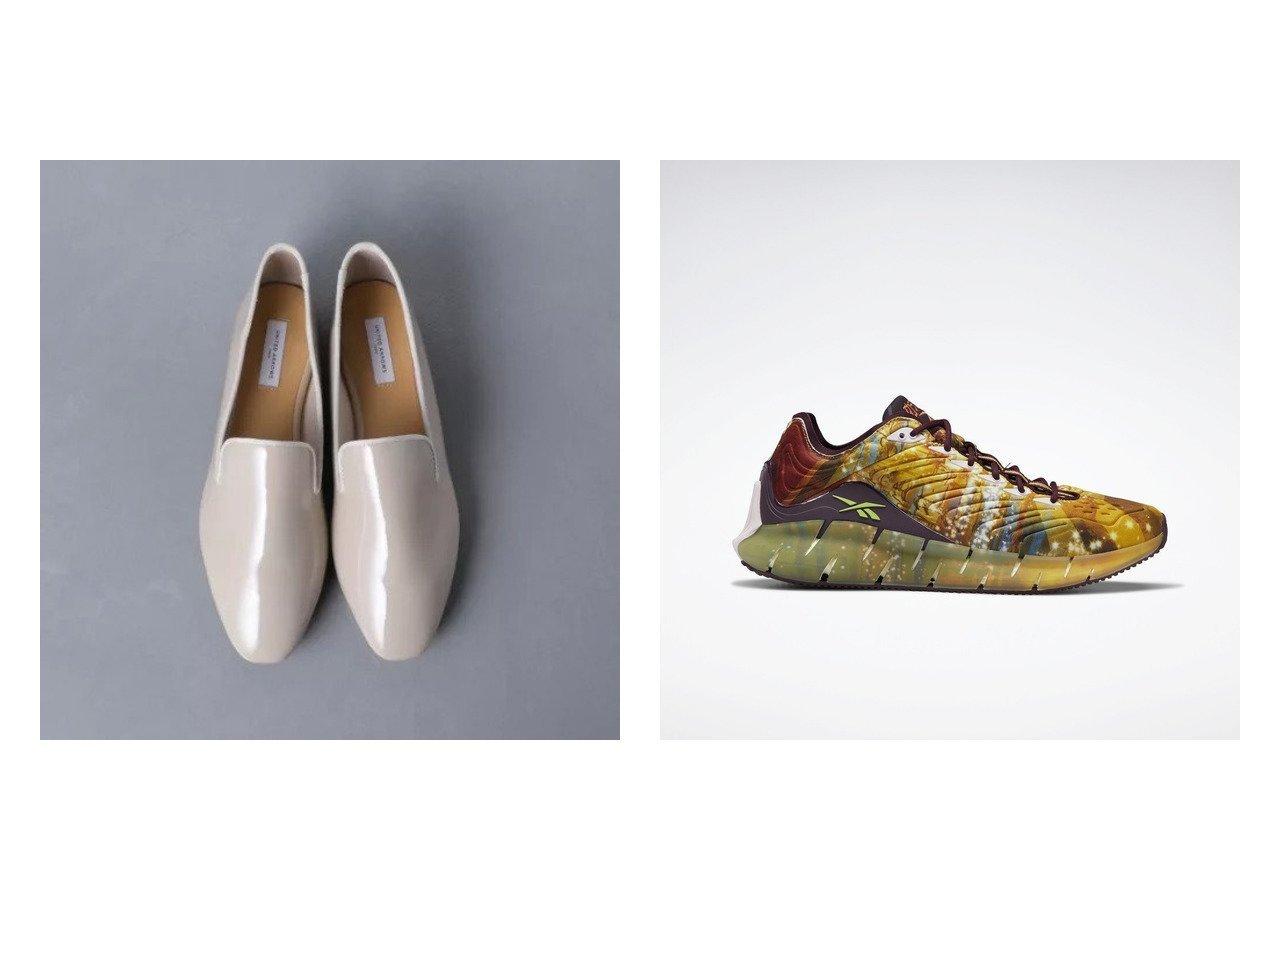 【Reebok/リーボック】の【Reebok x Kung Fu Panda】ジグ キネティカ Zig Kinetica Shoes&【UNITED ARROWS/ユナイテッドアローズ】のUBCS LTR 晴雨兼用 スリッポン シューズ・靴のおすすめ!人気、トレンド・レディースファッションの通販 おすすめで人気の流行・トレンド、ファッションの通販商品 メンズファッション・キッズファッション・インテリア・家具・レディースファッション・服の通販 founy(ファニー) https://founy.com/ ファッション Fashion レディースファッション WOMEN シューズ シンプル スマート スリッポン フラット レオパード カラフル グラフィック 軽量 |ID:crp329100000016309